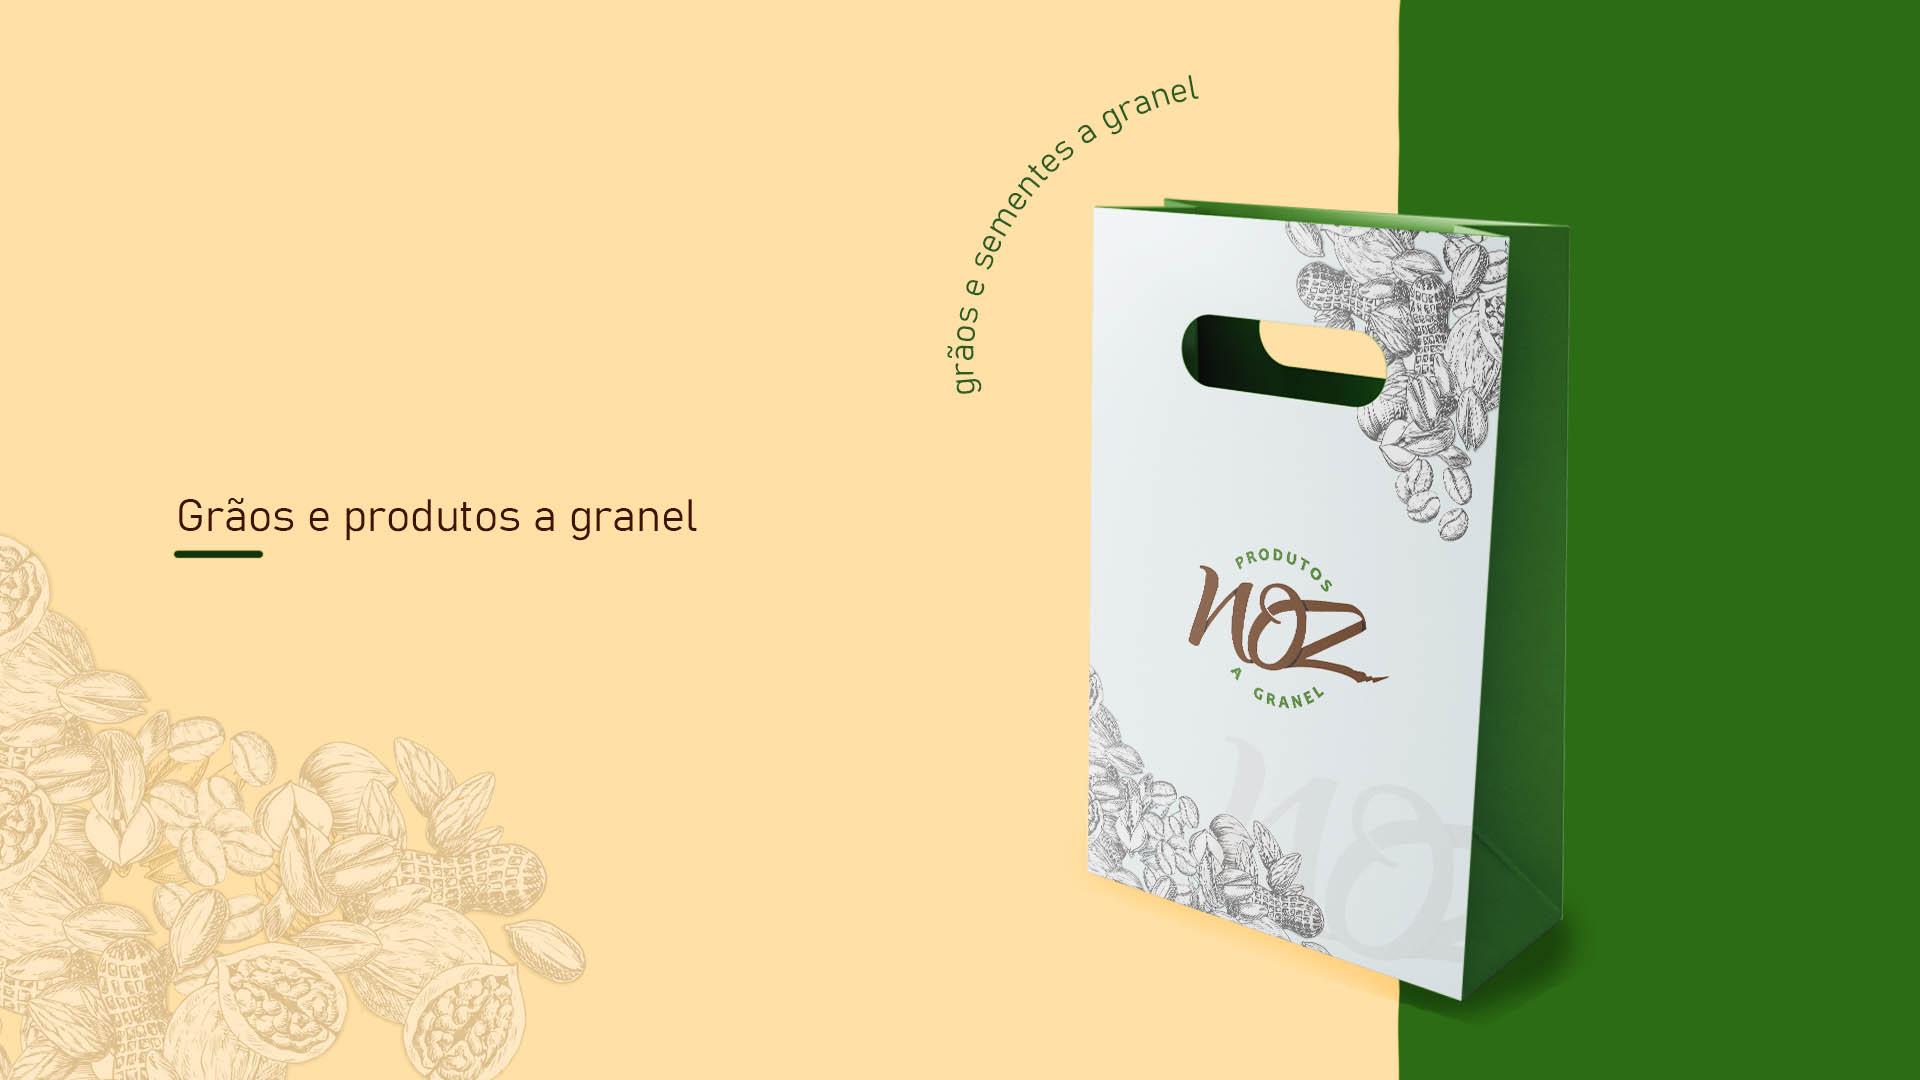 Noz Packaging